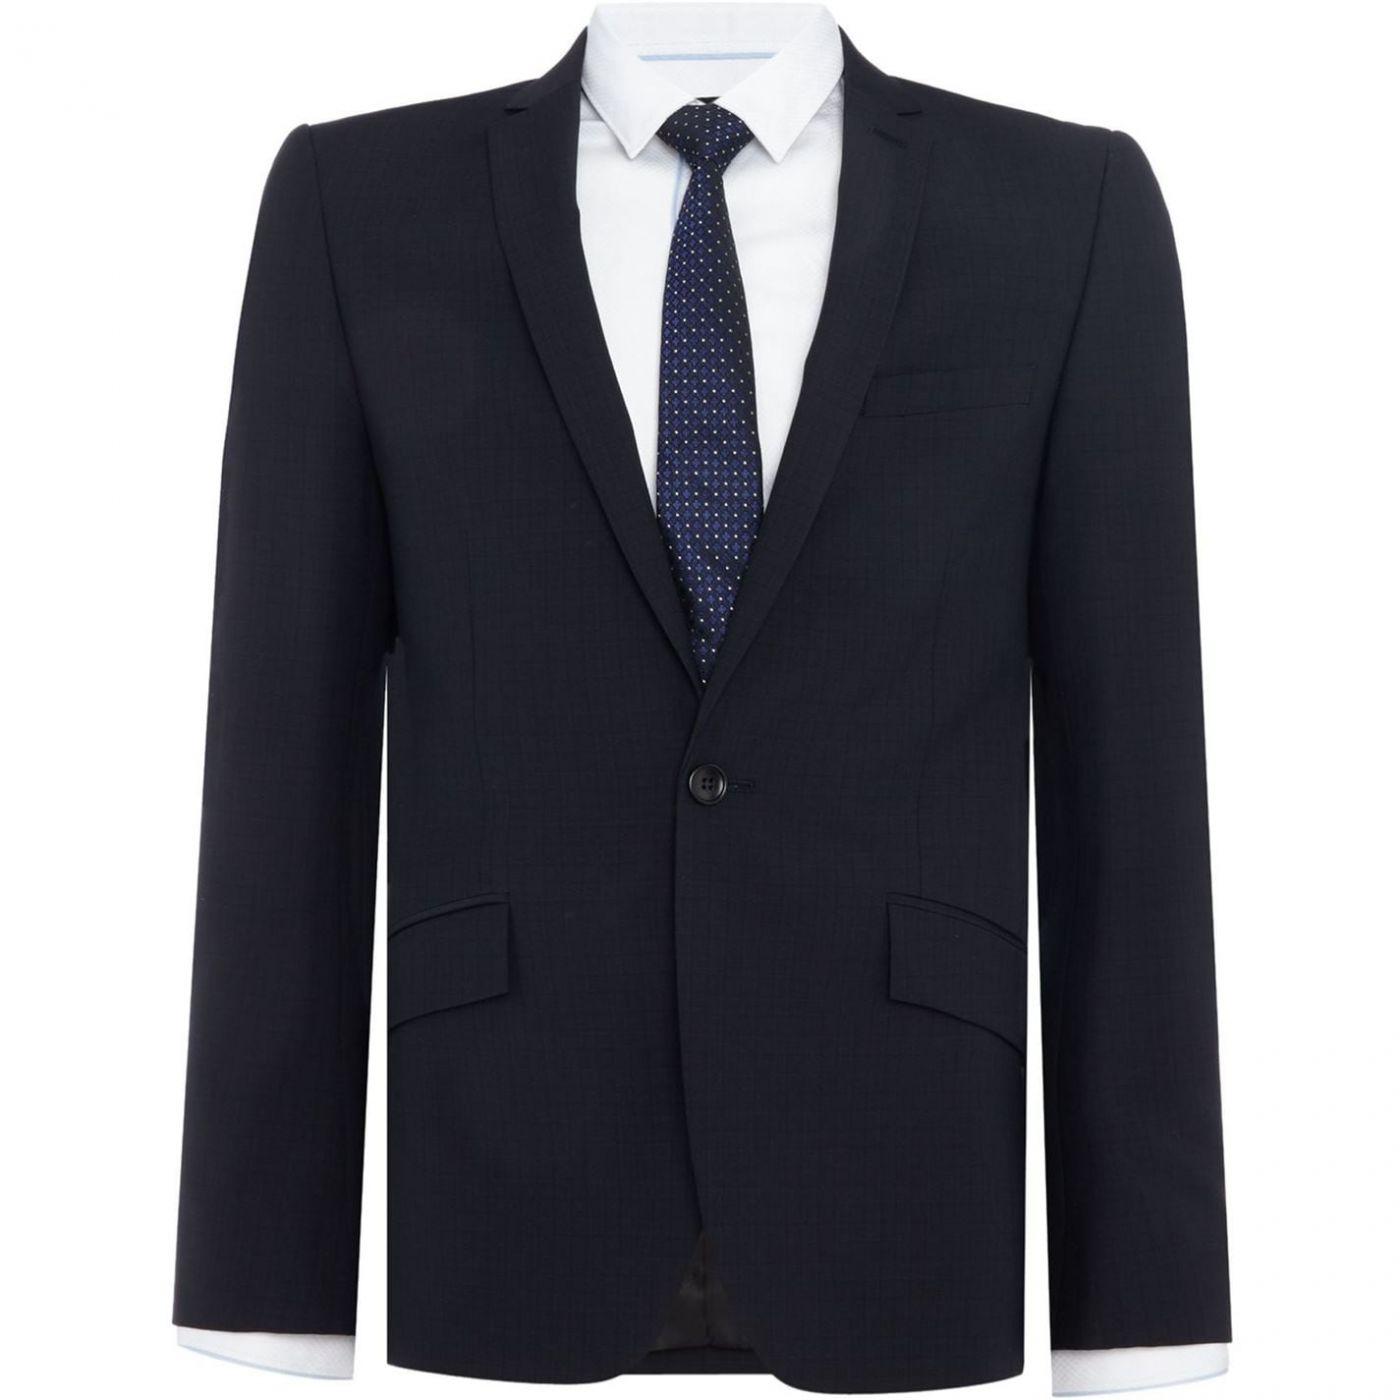 Kenneth Cole Devan slim fit tonal check suit jacket